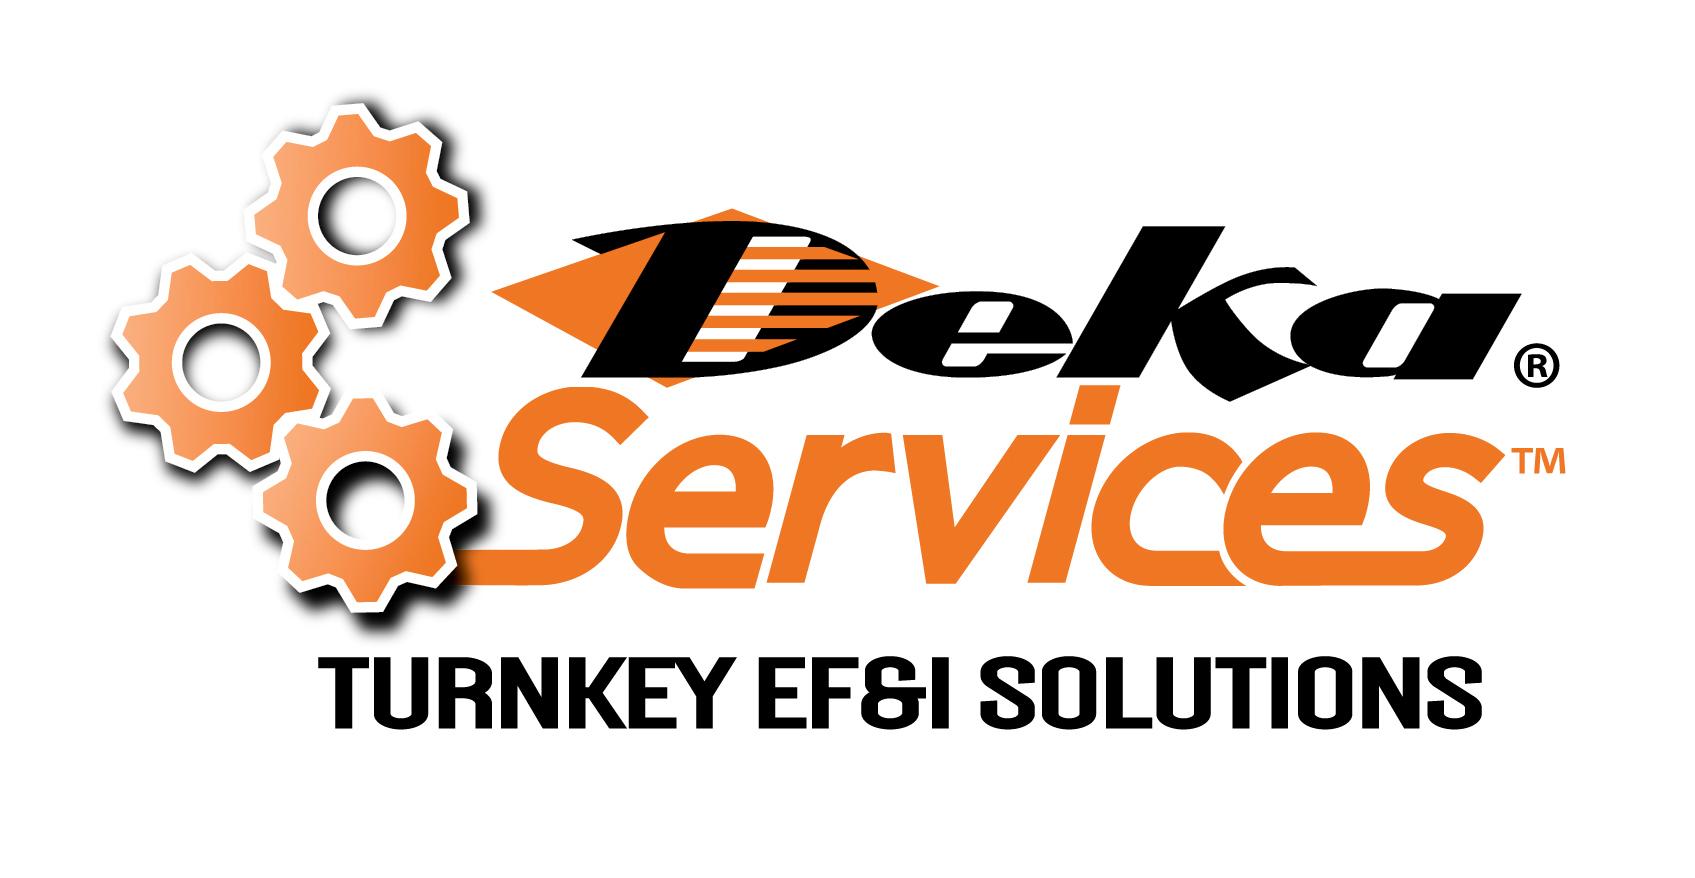 Deka Services